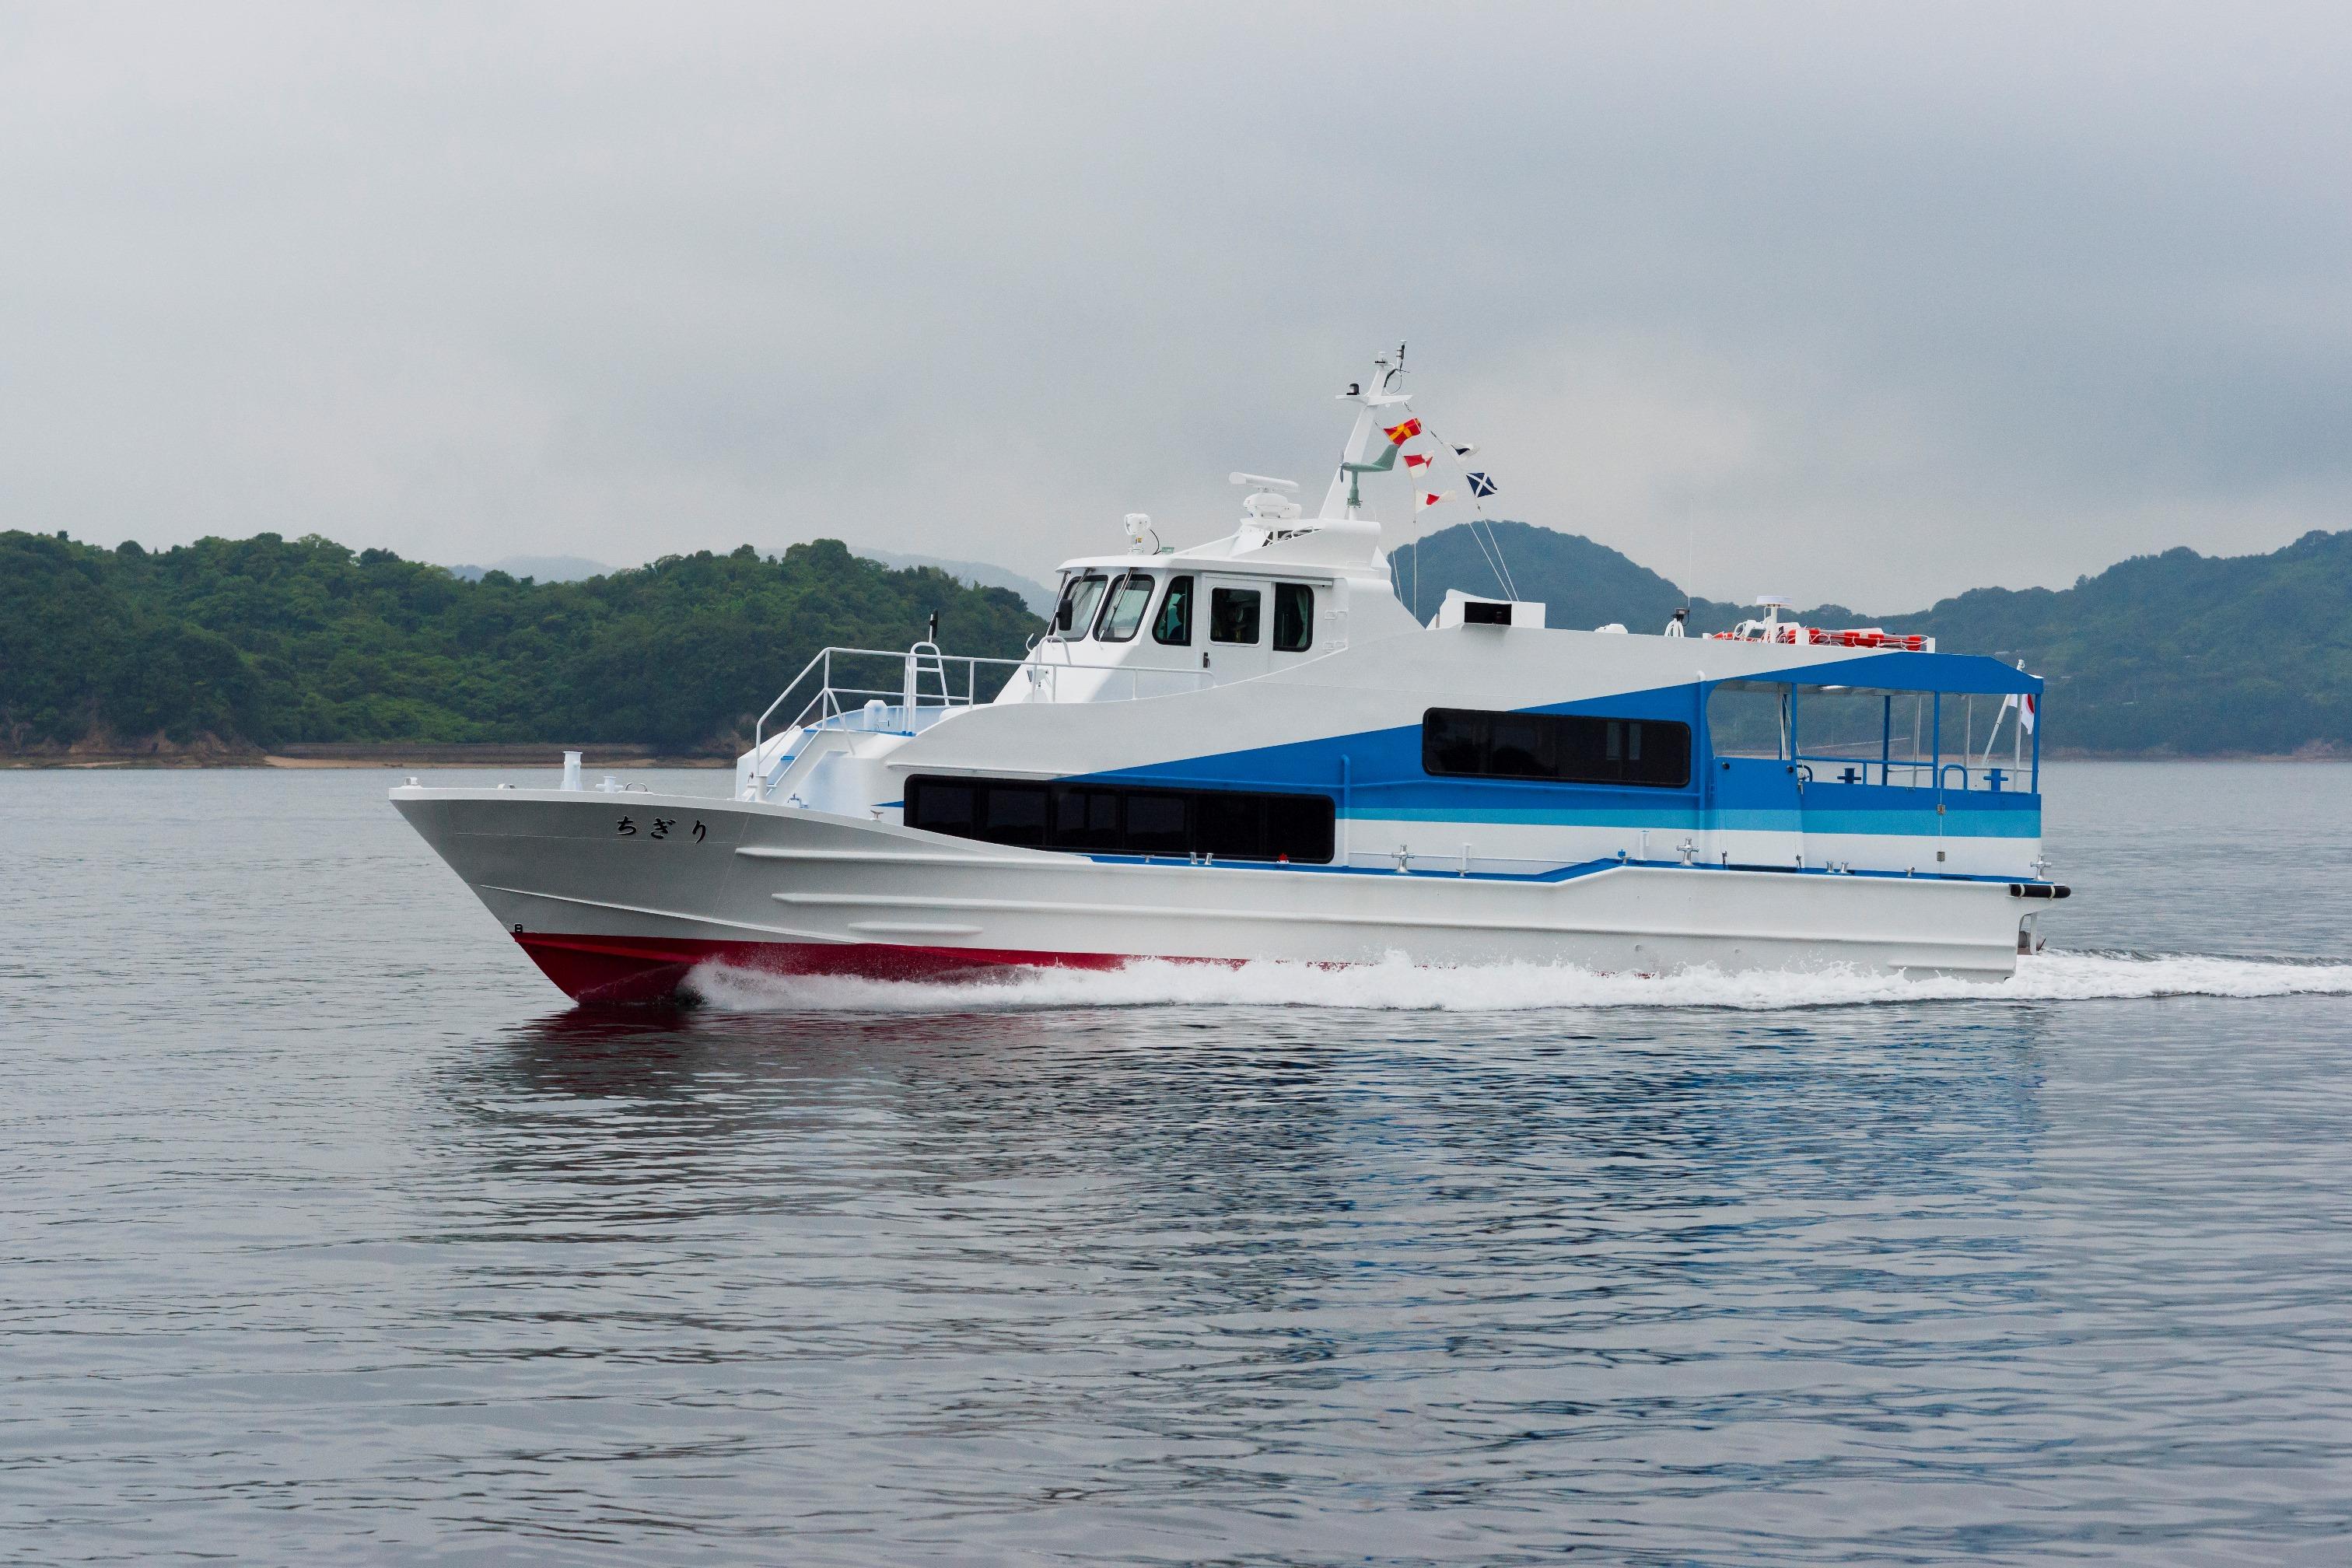 ツネイシクラフト&ファシリティーズ、19総トン型アルミ合金製旅客船「ちぎり」を竣工・引渡